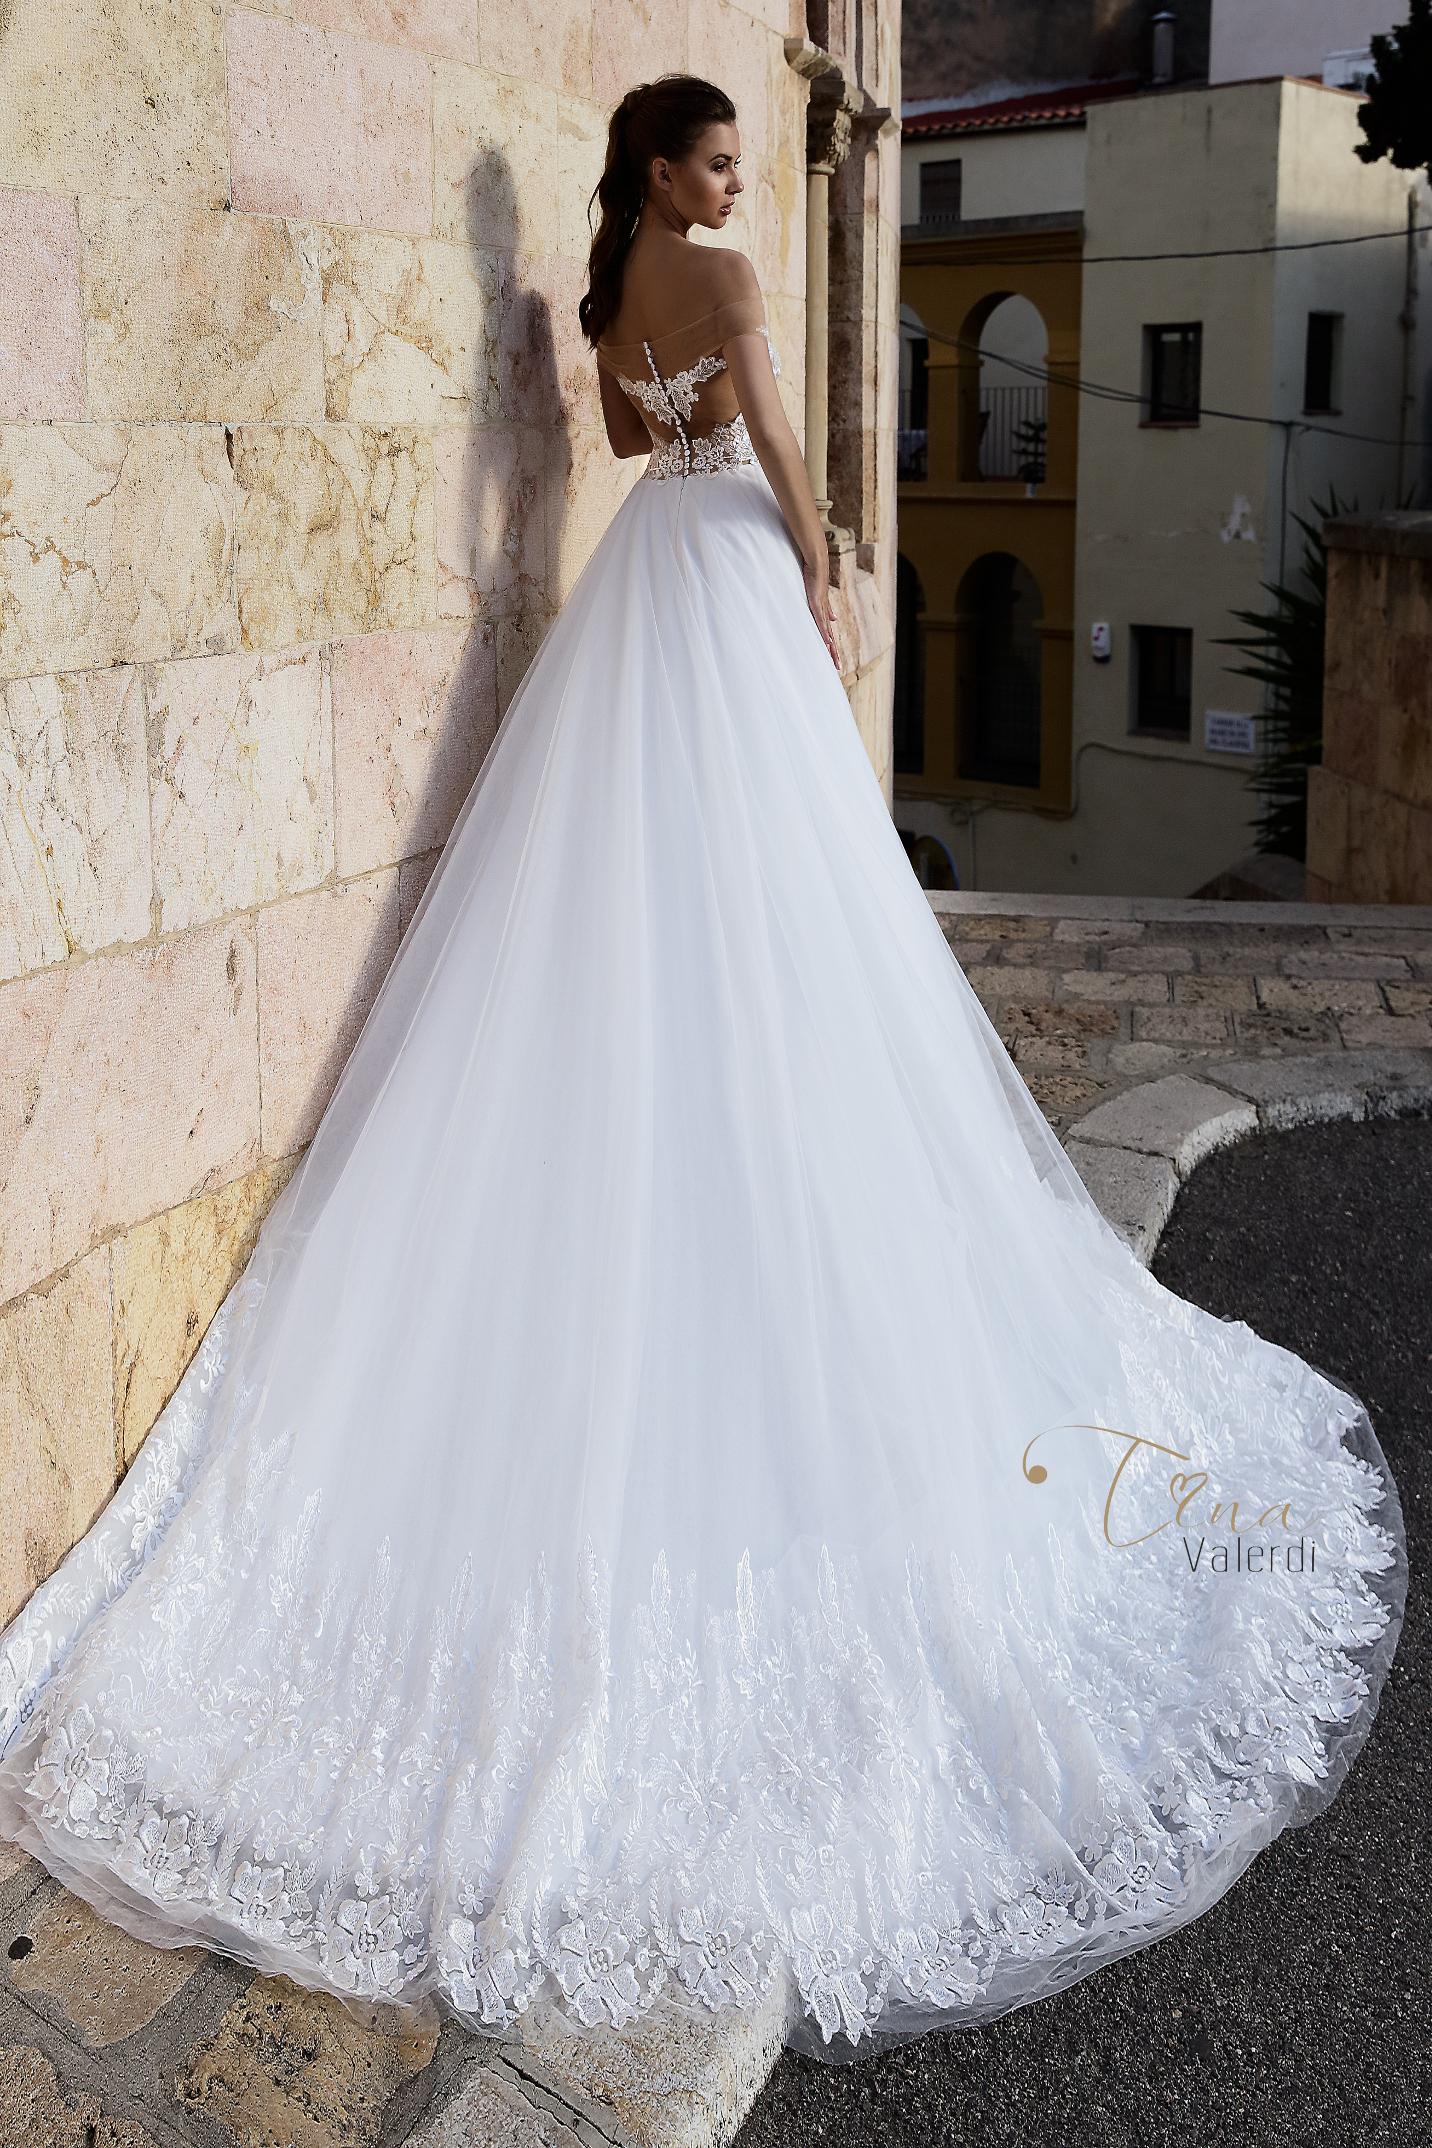 vestuvines sukneles tina valerdi Abigail6